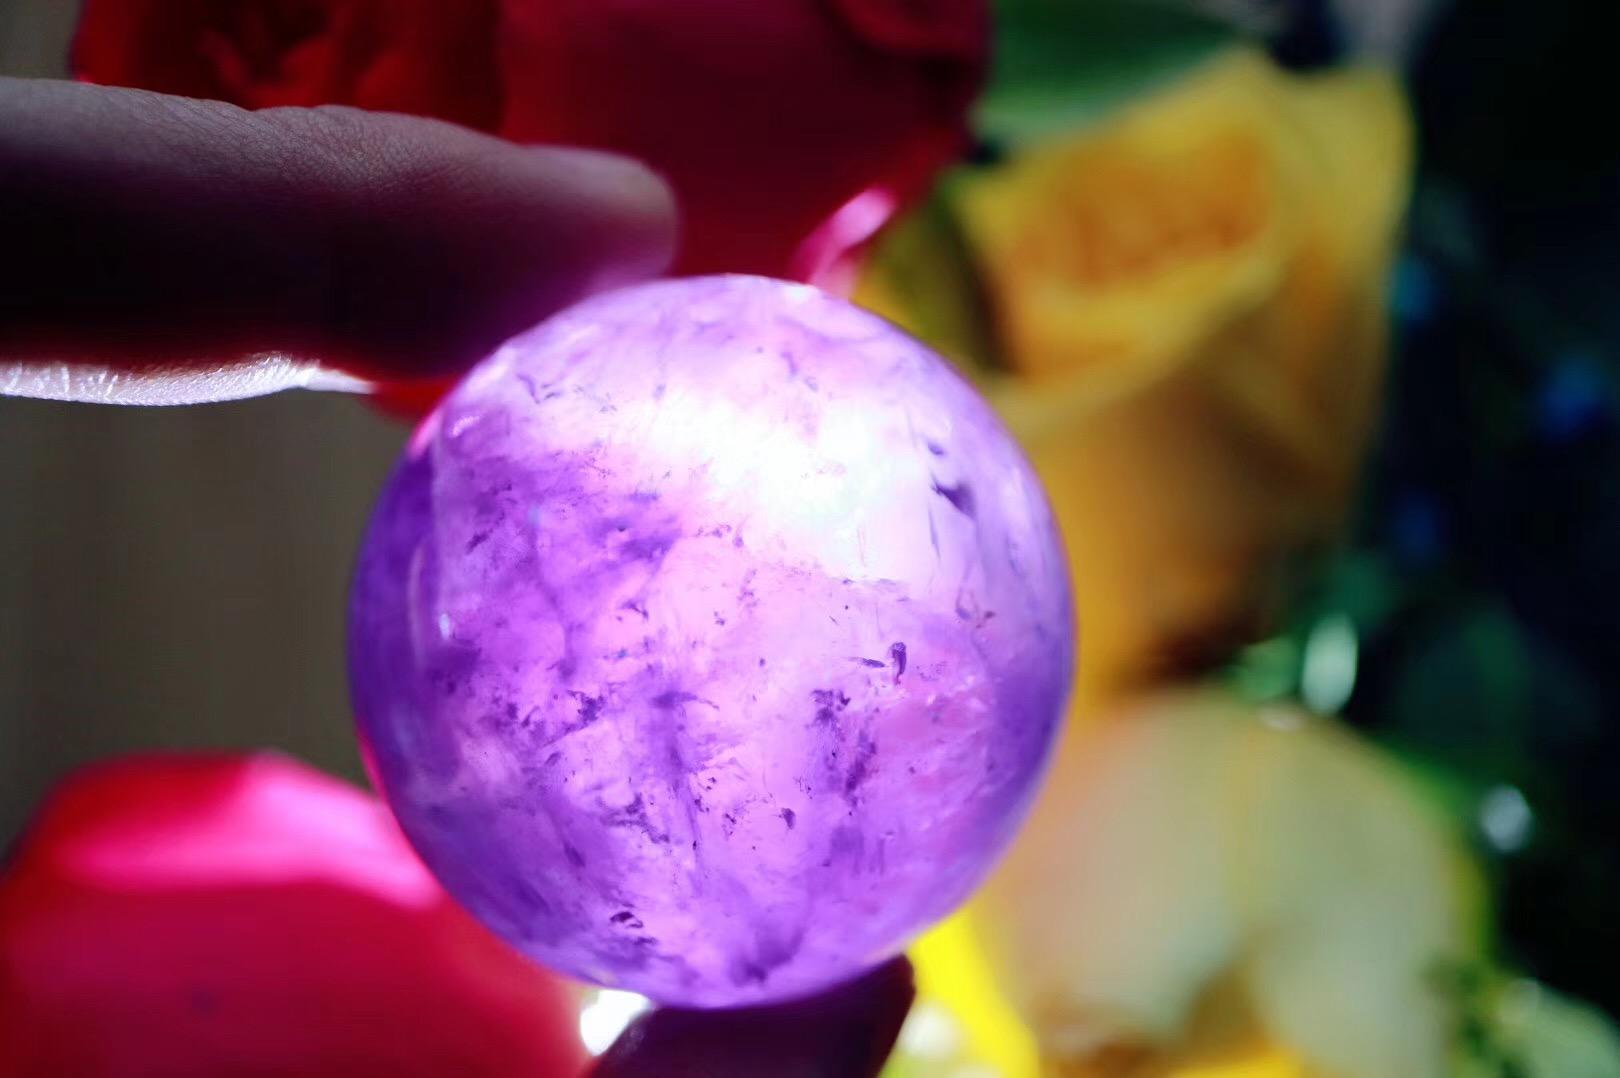 【菩心紫水晶🔮 | 七星阵】七星阵可大幅度放大紫晶的功效-菩心晶舍